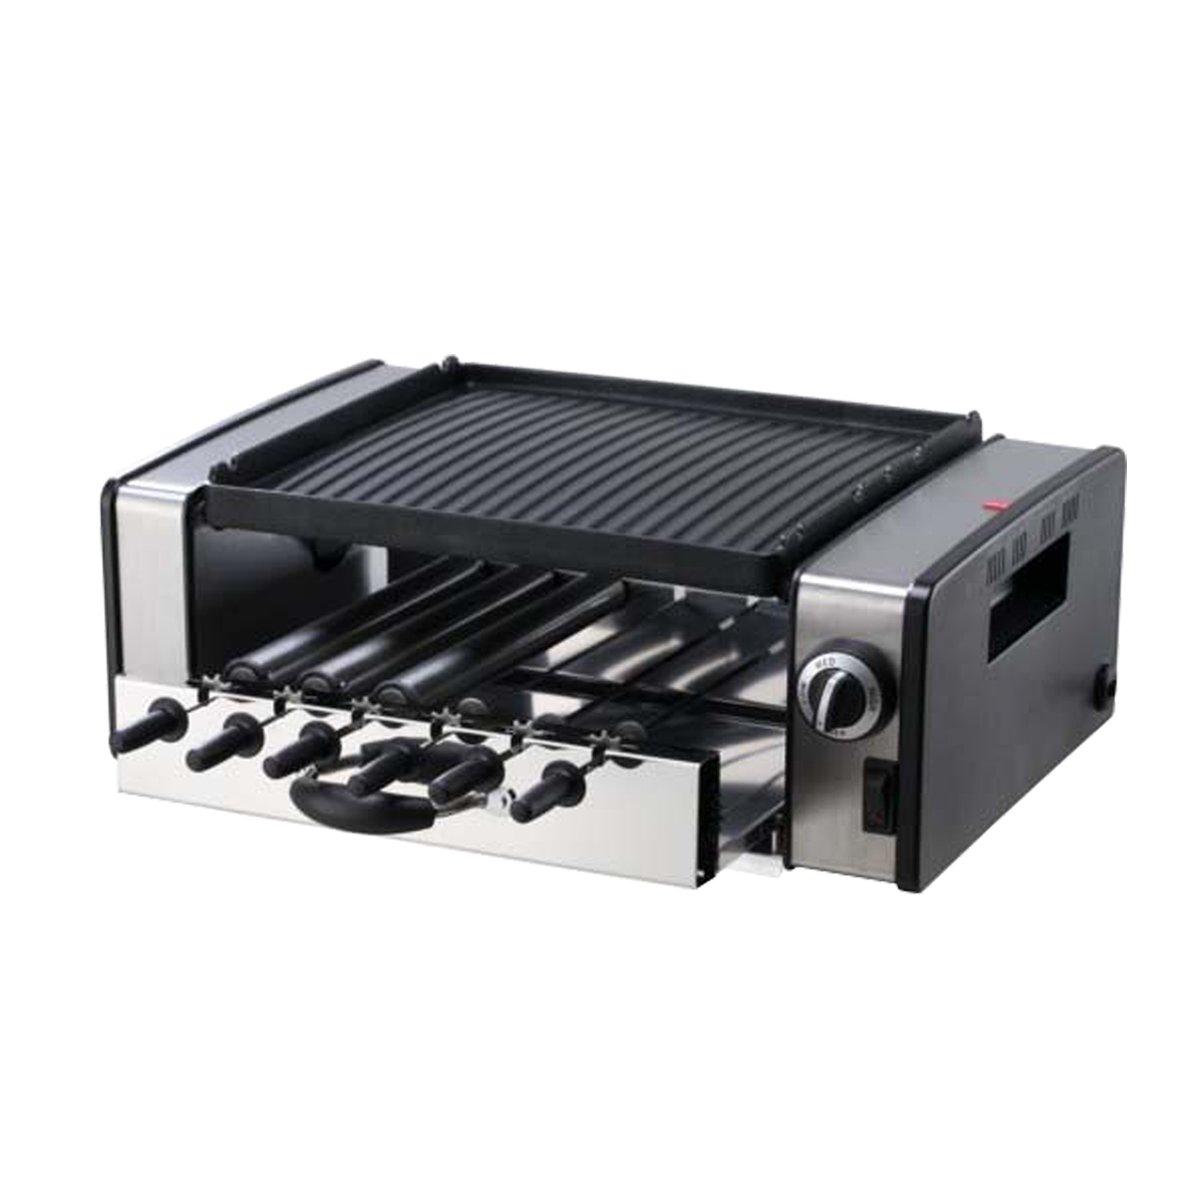 H.Koenig GB316 Griglia 3 in 1, Spiedini/Hot Dog/Barbecue 80155